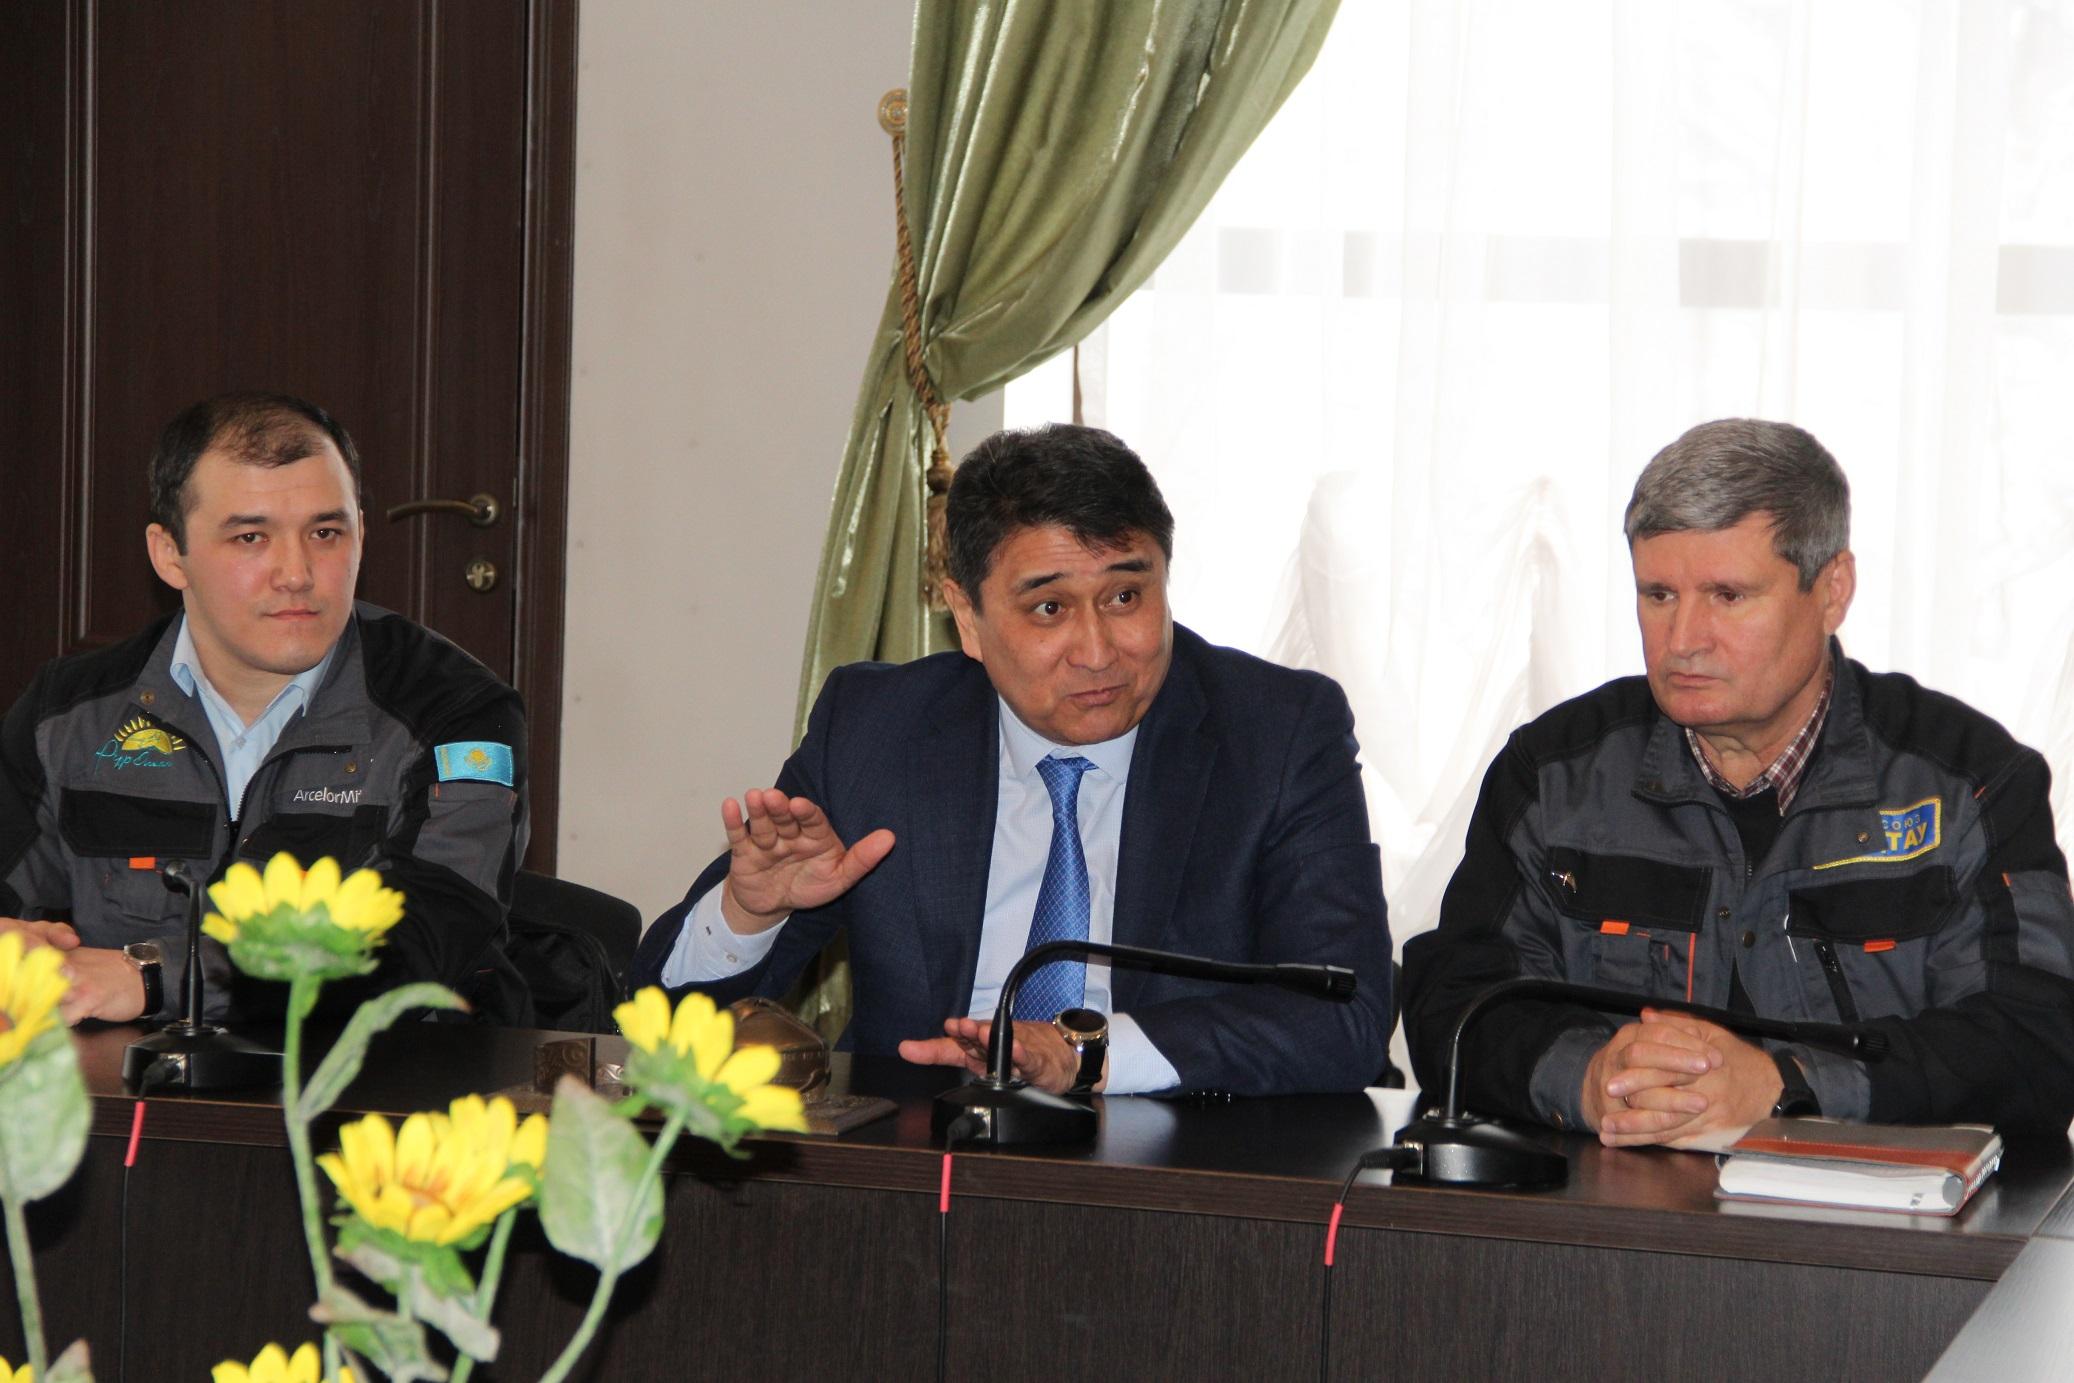 Профактив «Жактау» будет контролировать транспортный вопрос совместно с акимом города